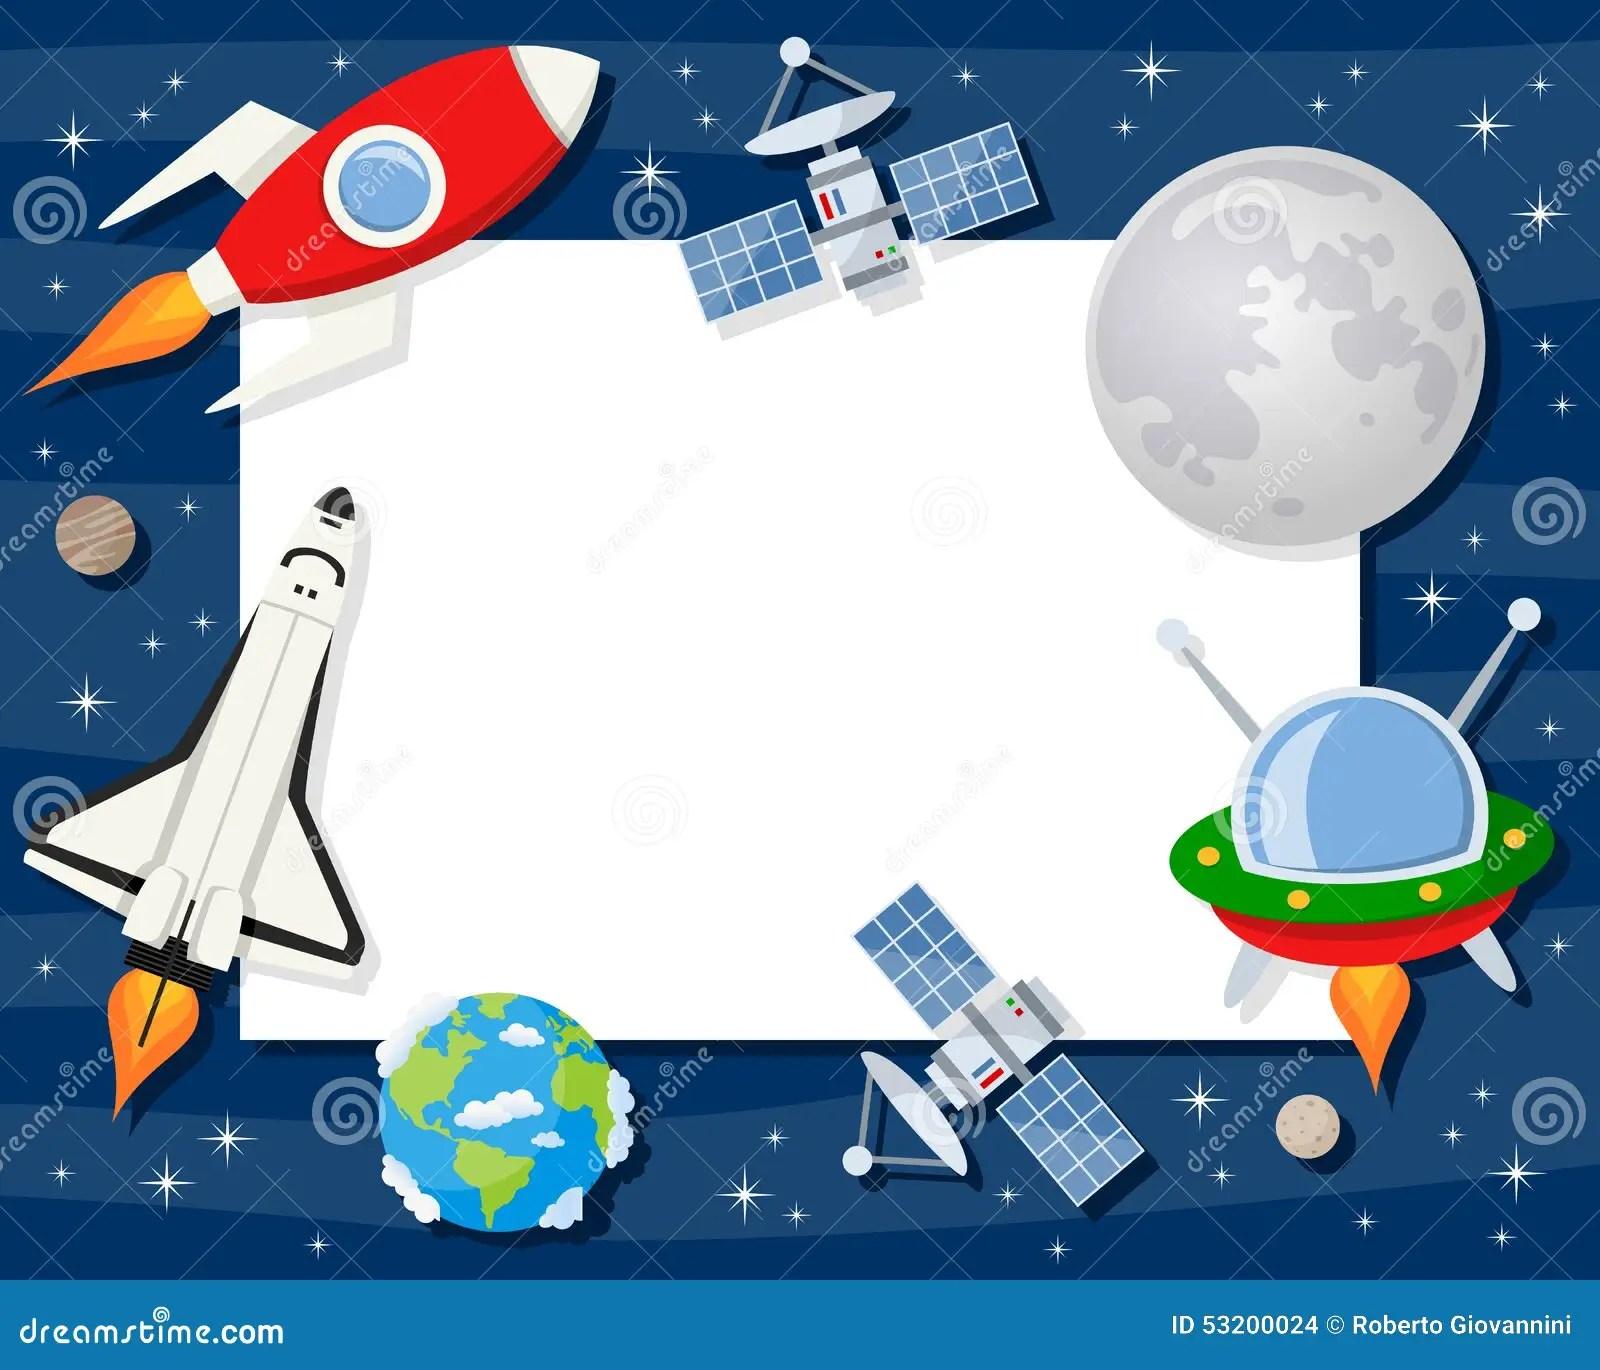 Rocket Shuttle Satellites Horizontal Frame Stock Vector